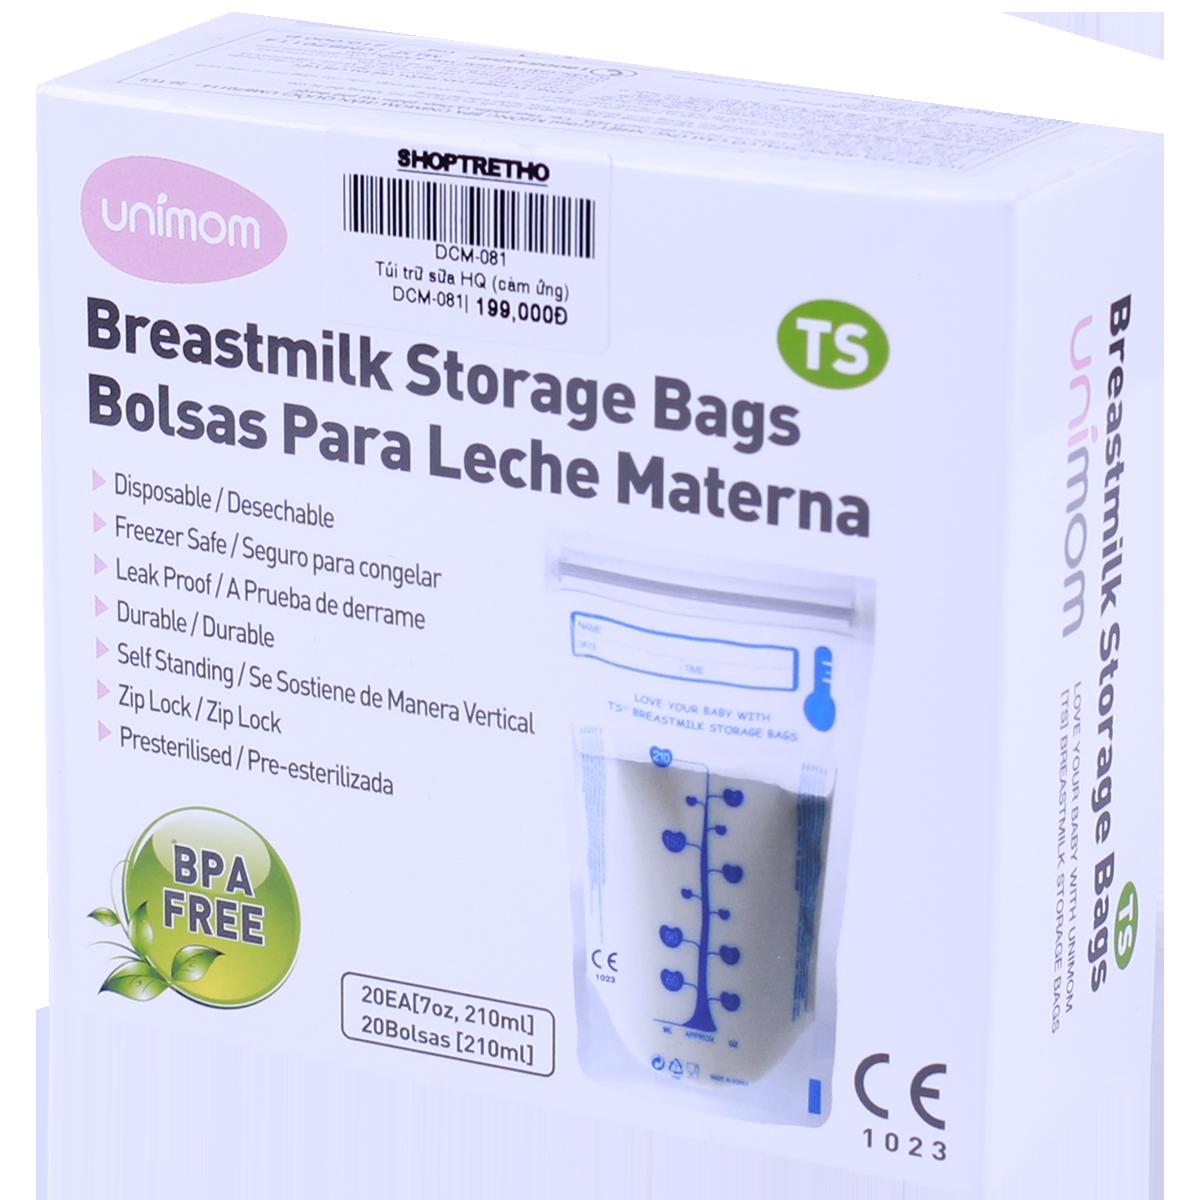 Túi trữ sữa mẹ cảm ứng nhiệt Blue Egg free BPA